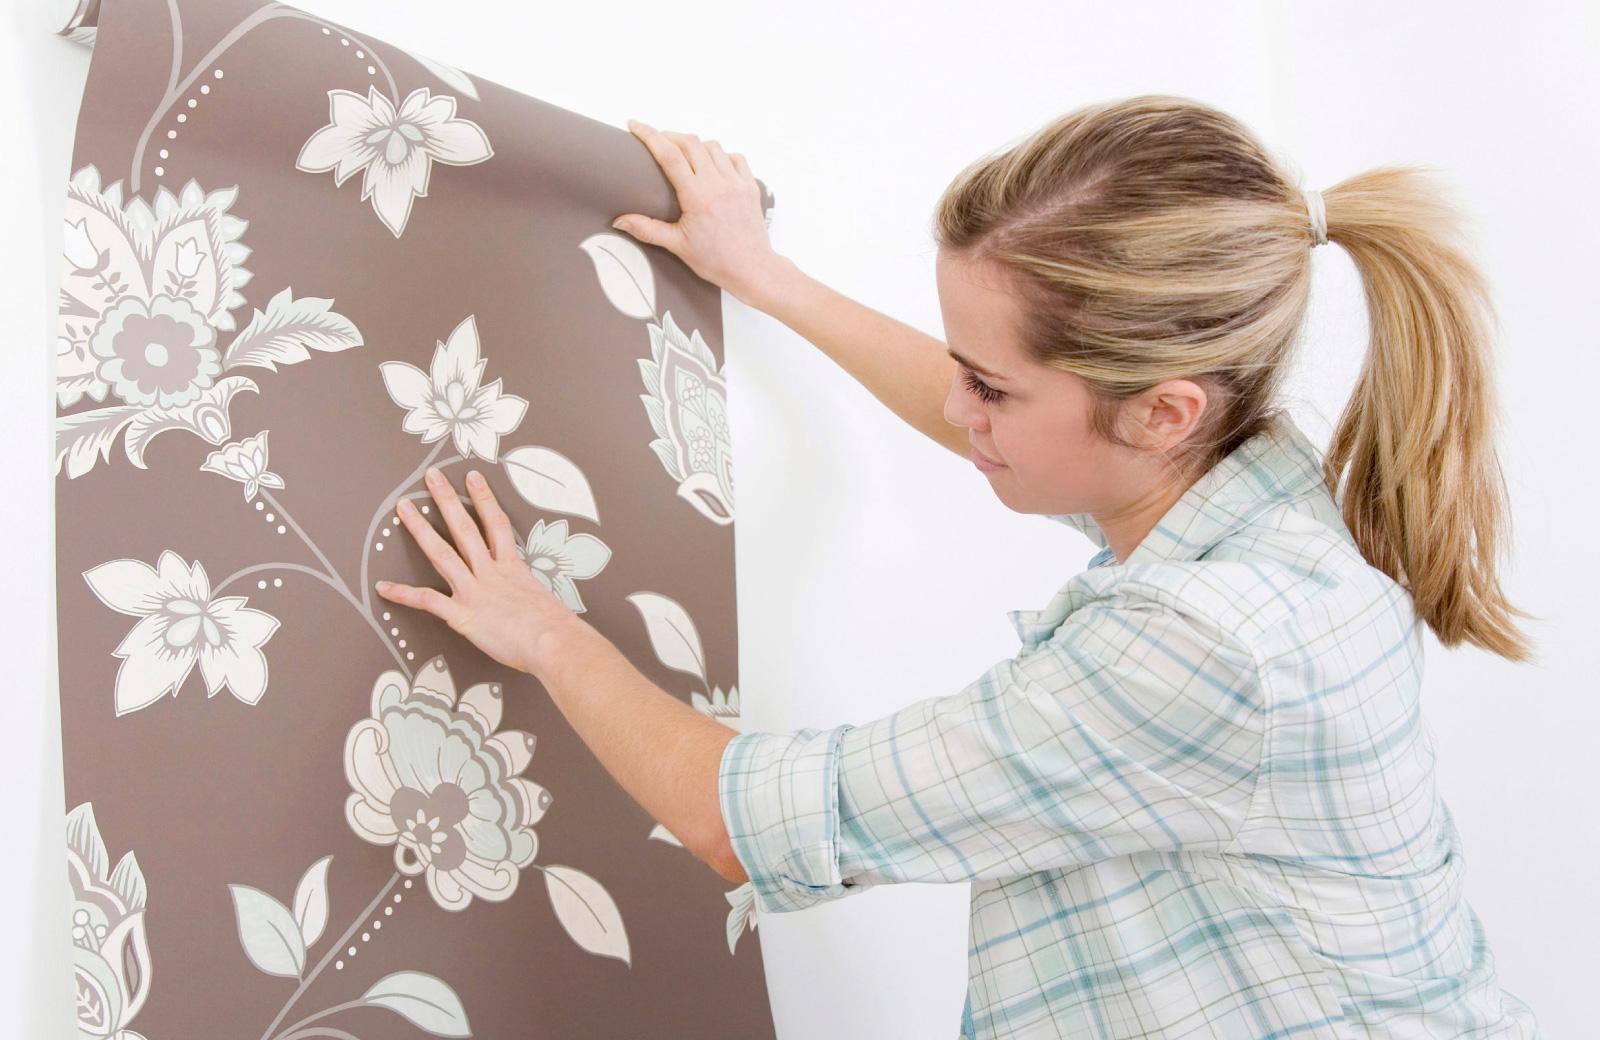 woman examining a wallpaper alder northridge